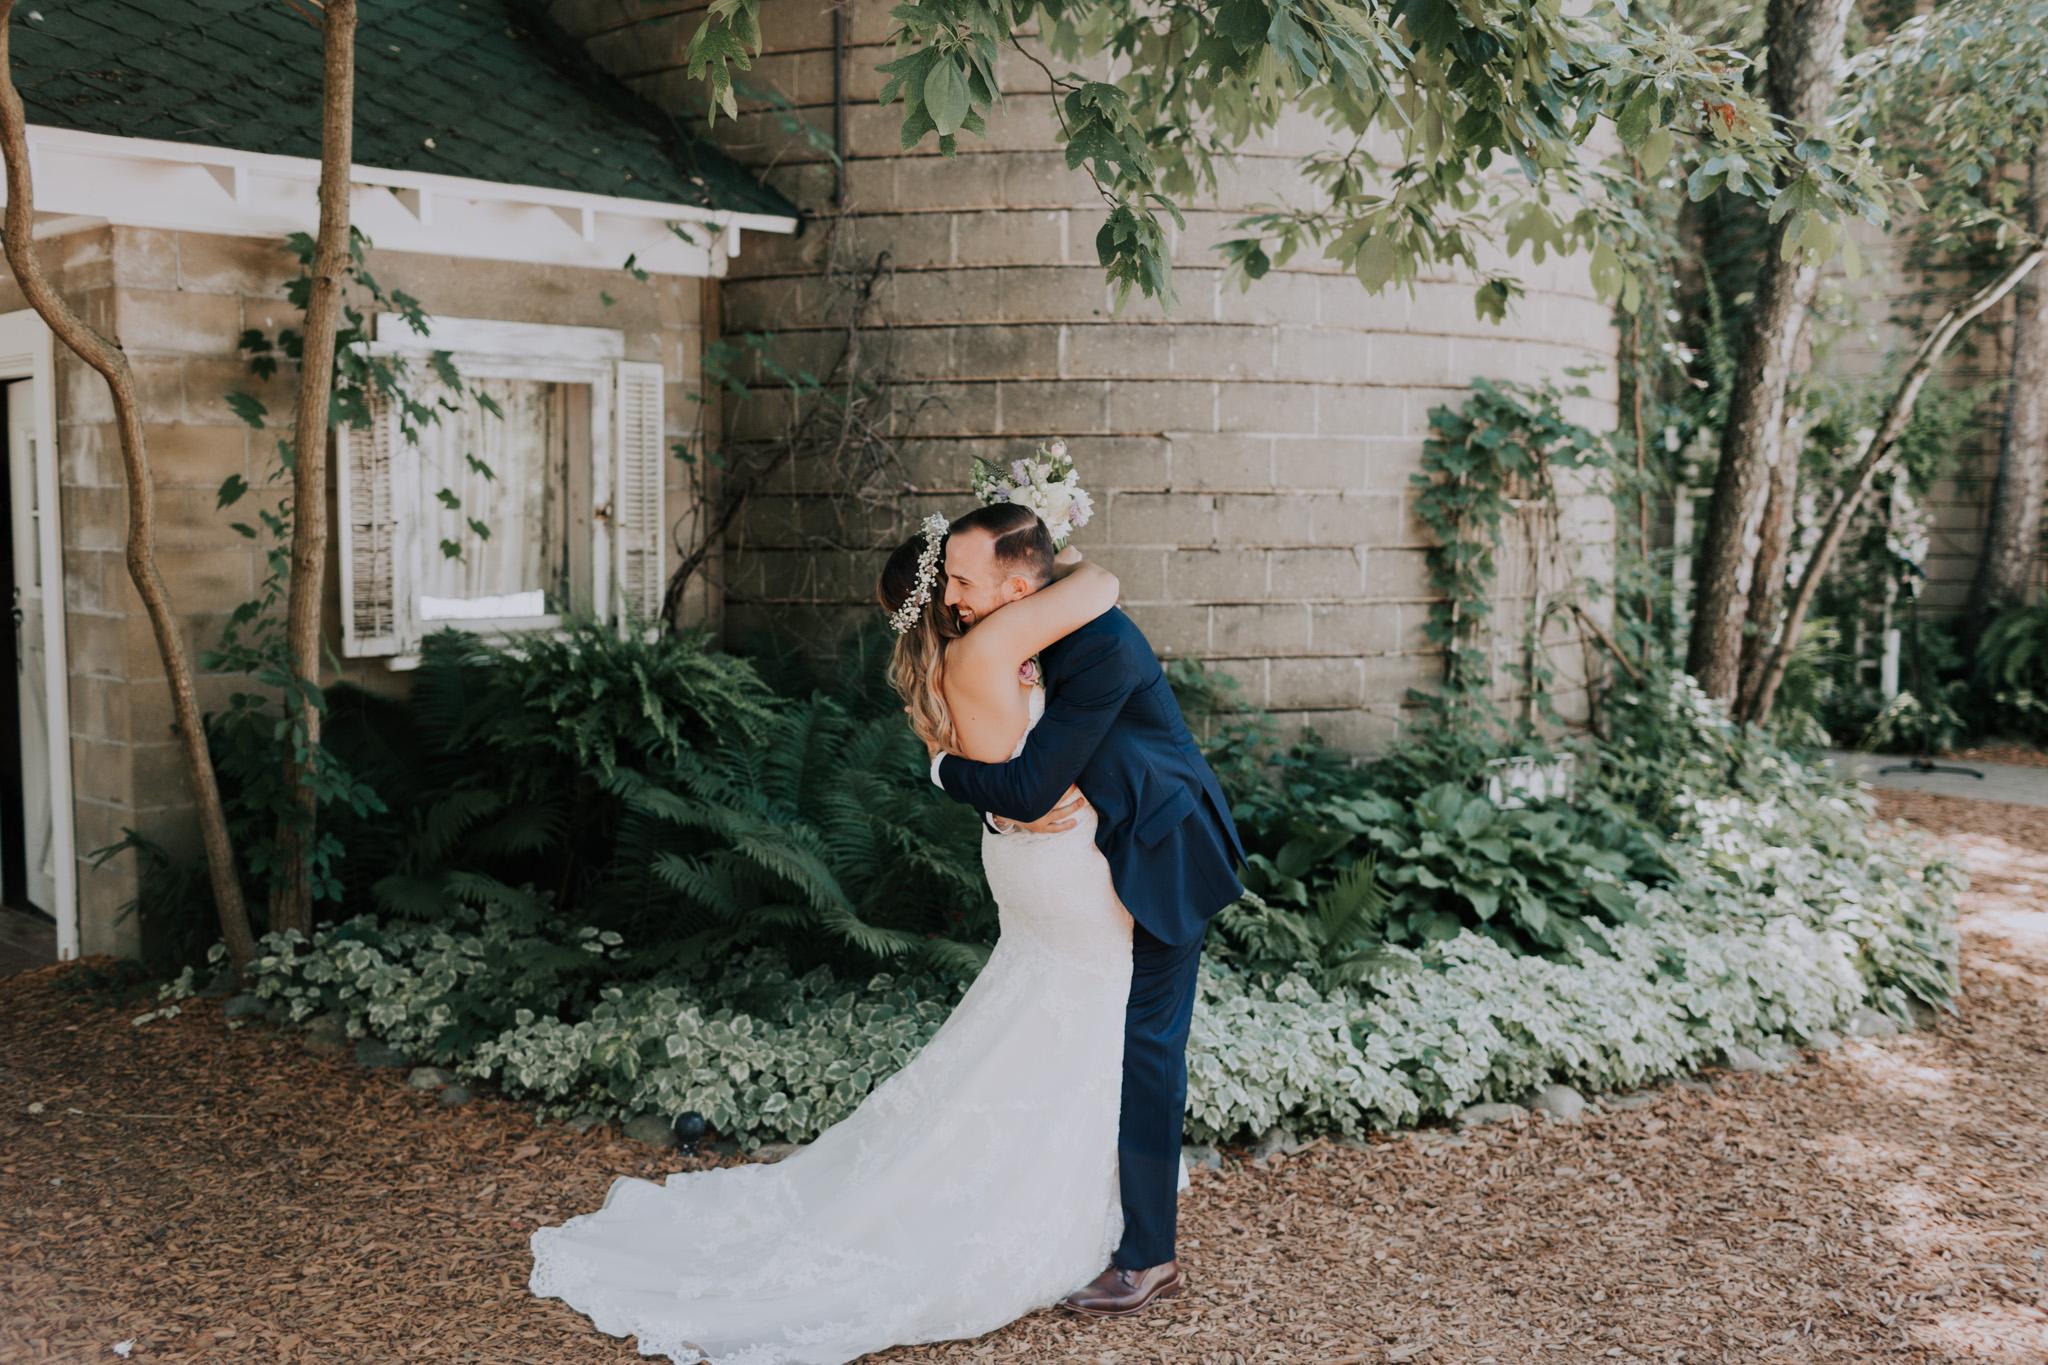 Blue-Dress-Barn-Michigan-Wedding-April-Seth-Vafa-Photo206.jpg